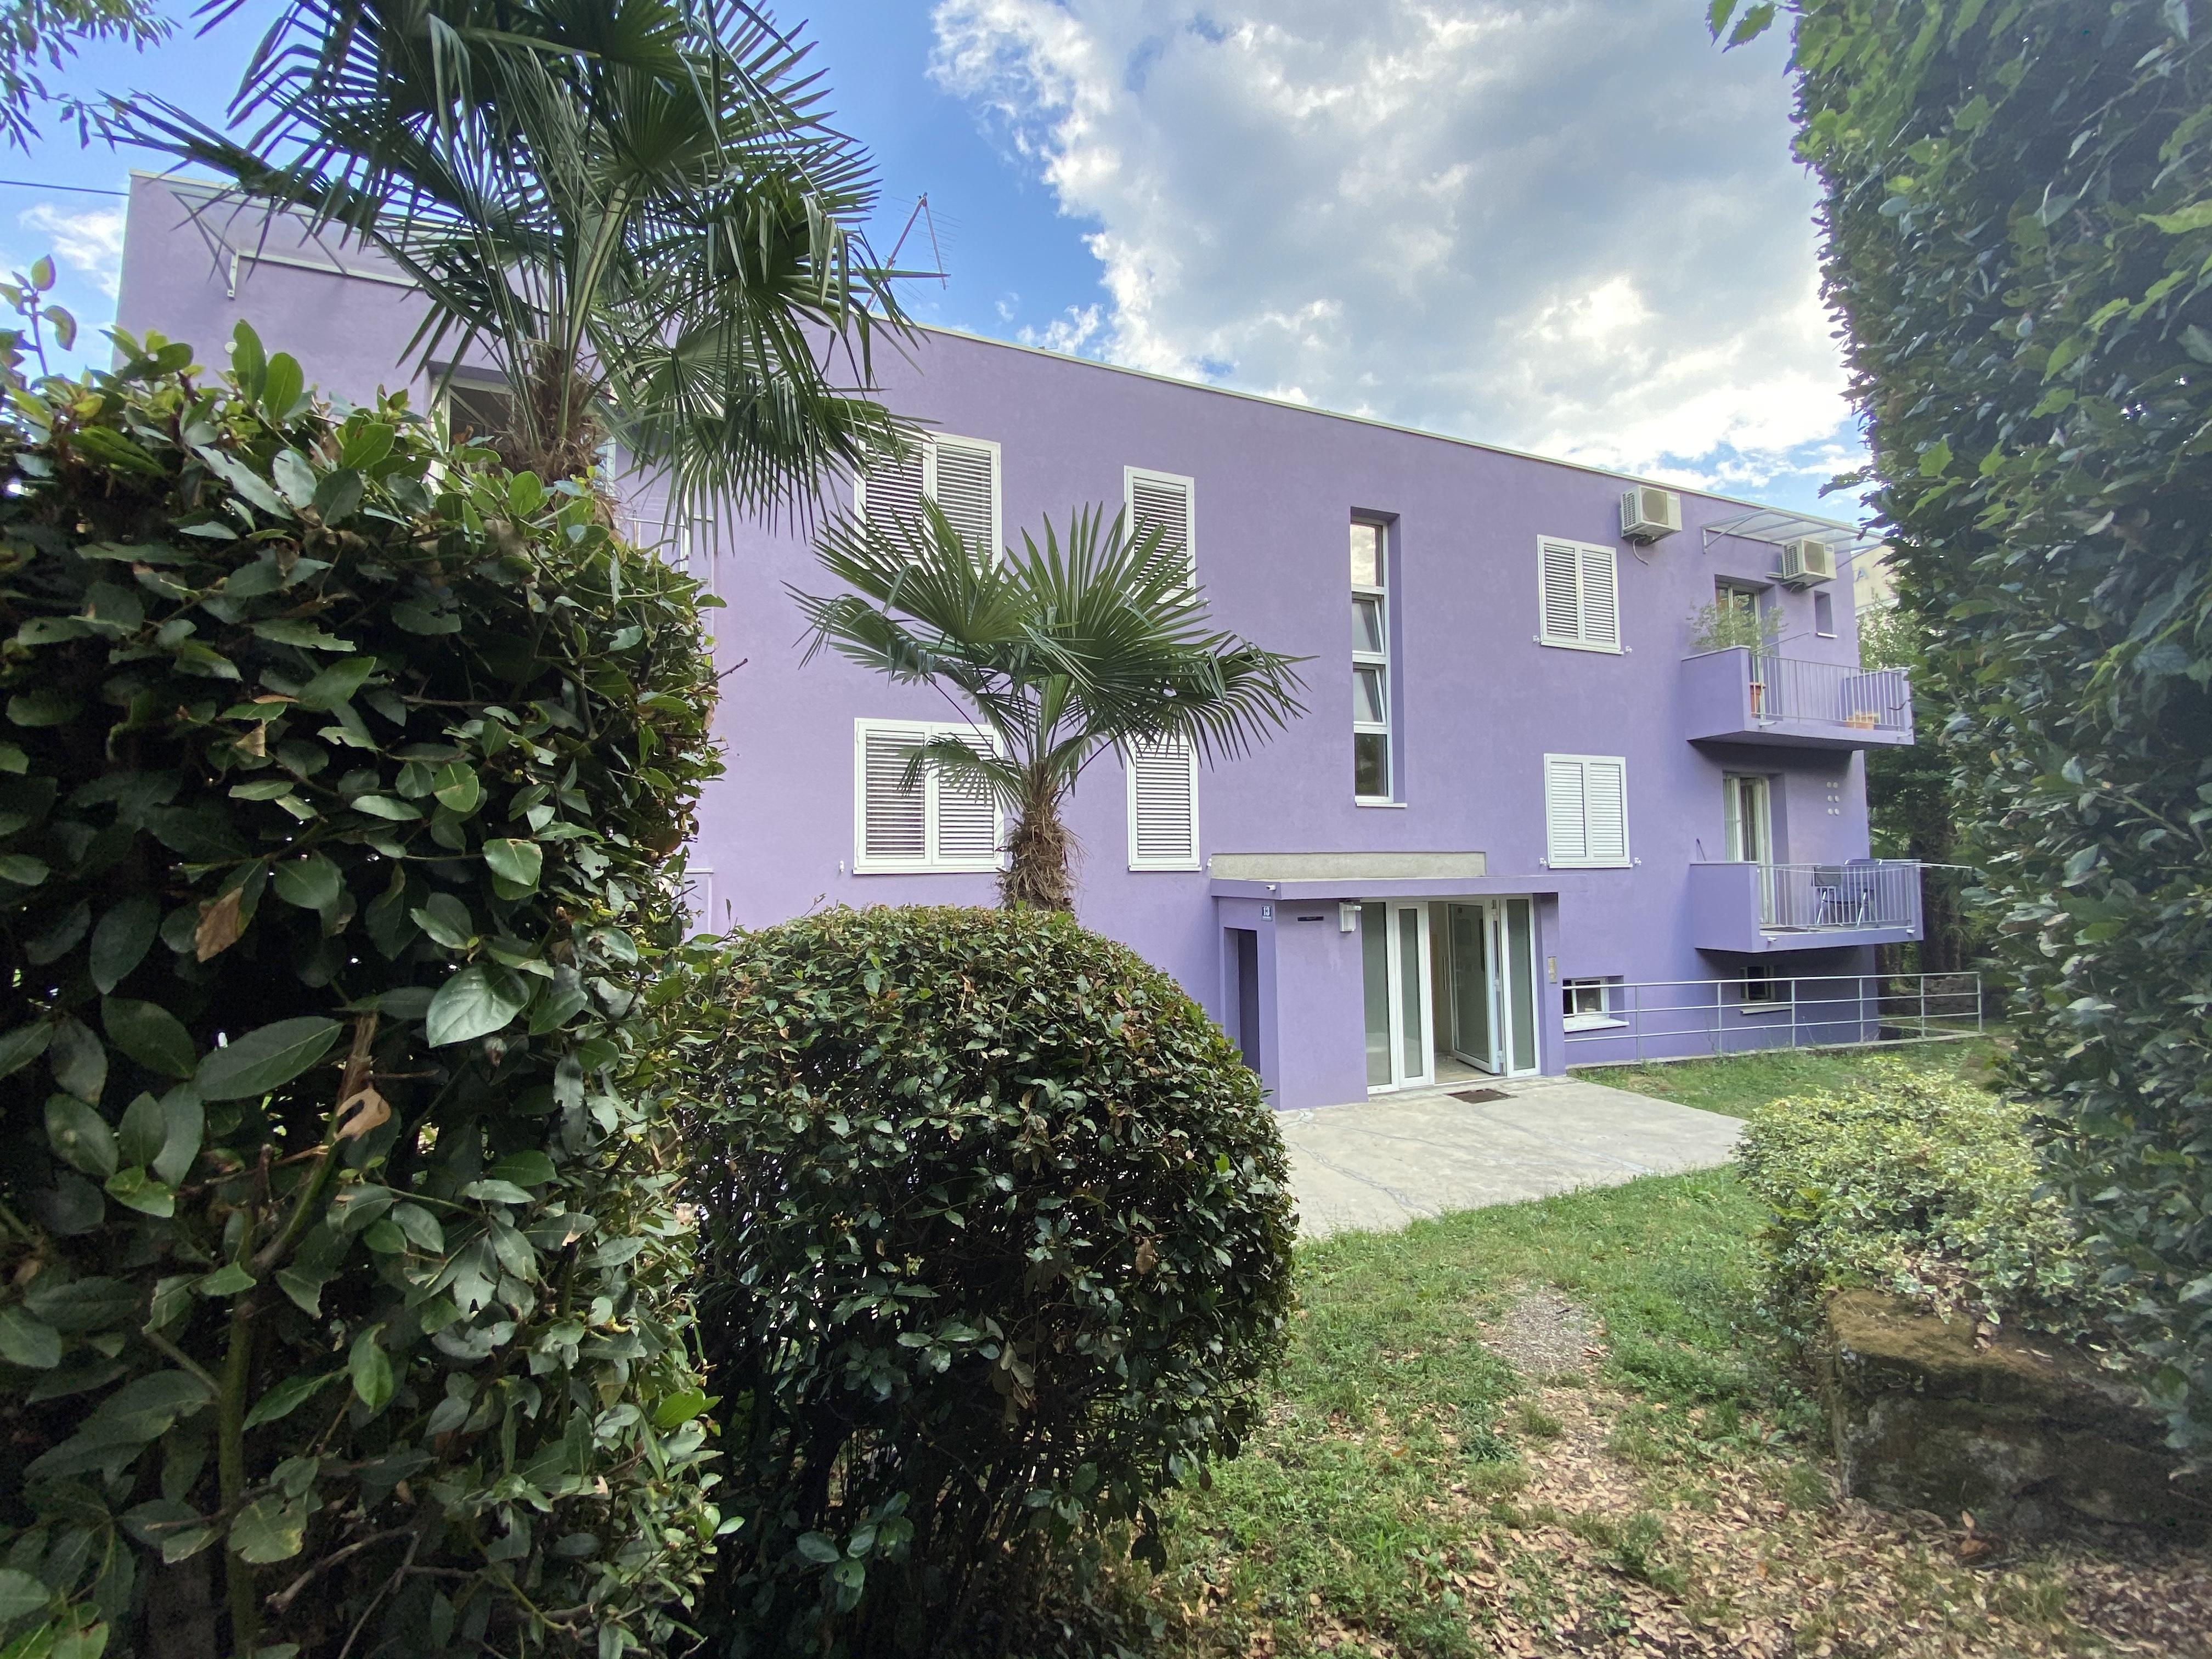 Appartement de vacances Wohnung mit Meerblick (2819649), Opatija, , Kvarner, Croatie, image 21